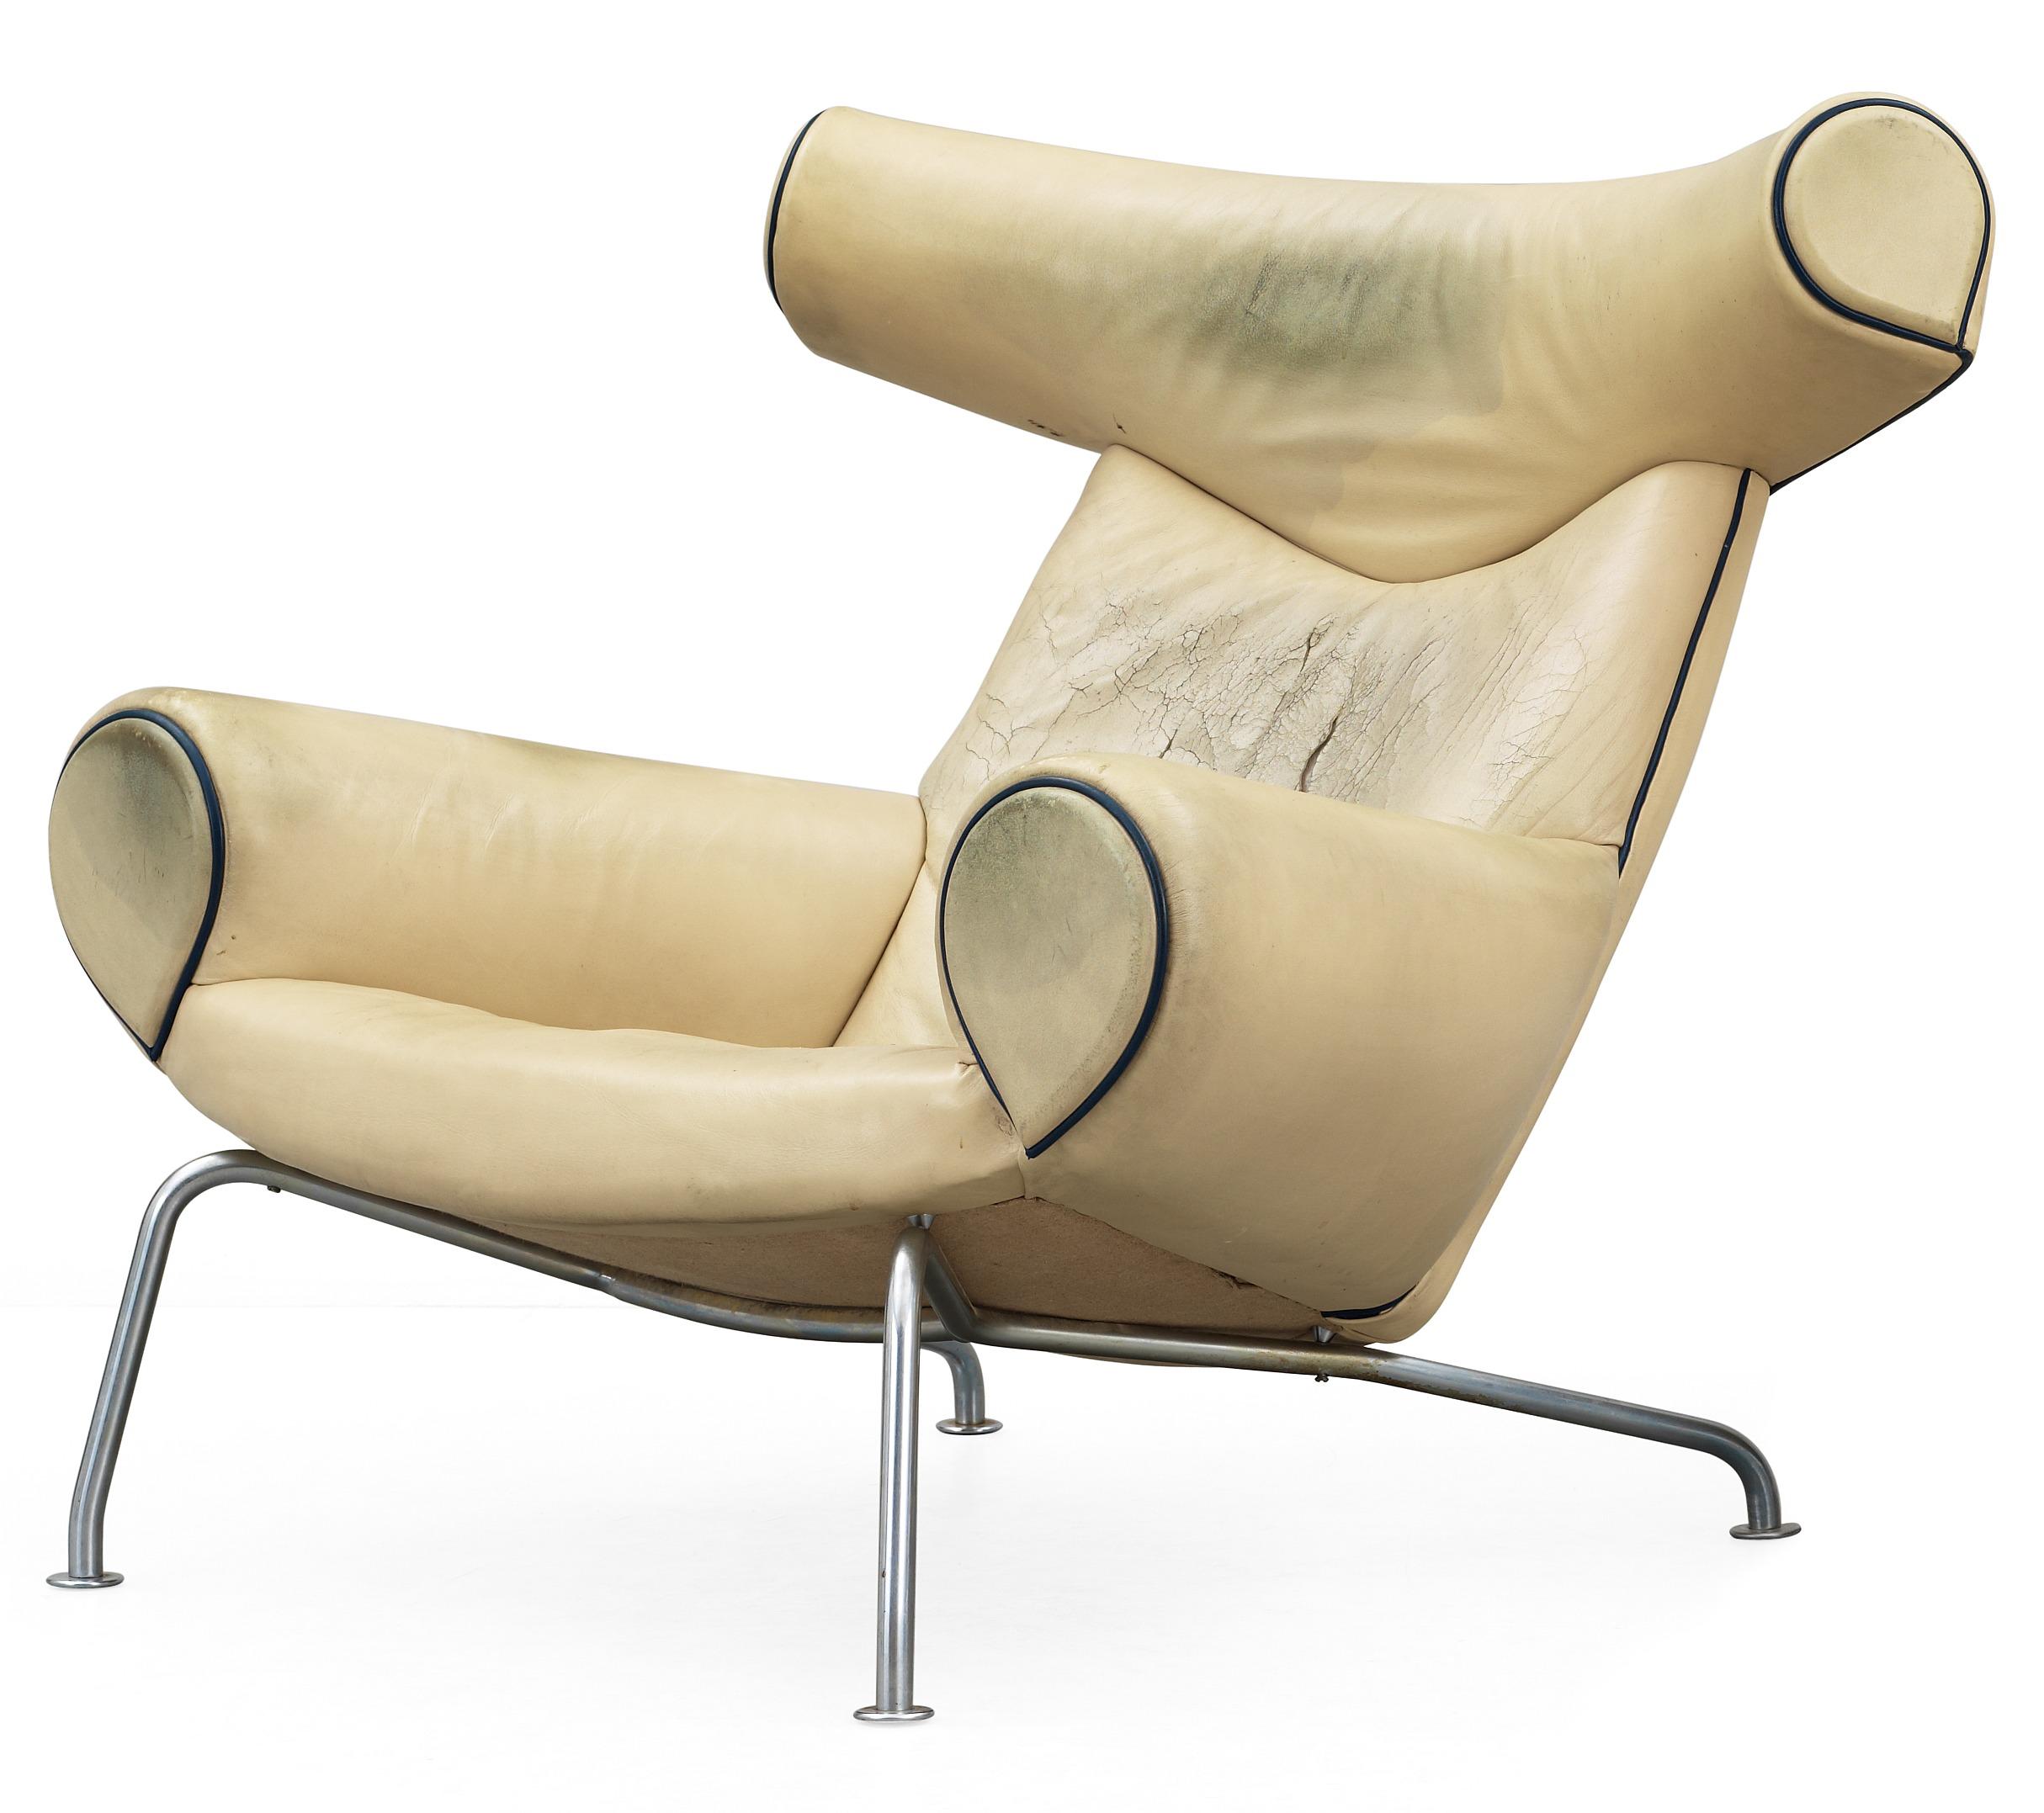 """HANS J WEGNER, fåtölj,""""Ox Chair"""", sannolikt producerad av AP stolen, Danmark 1960 tal Bukowskis"""